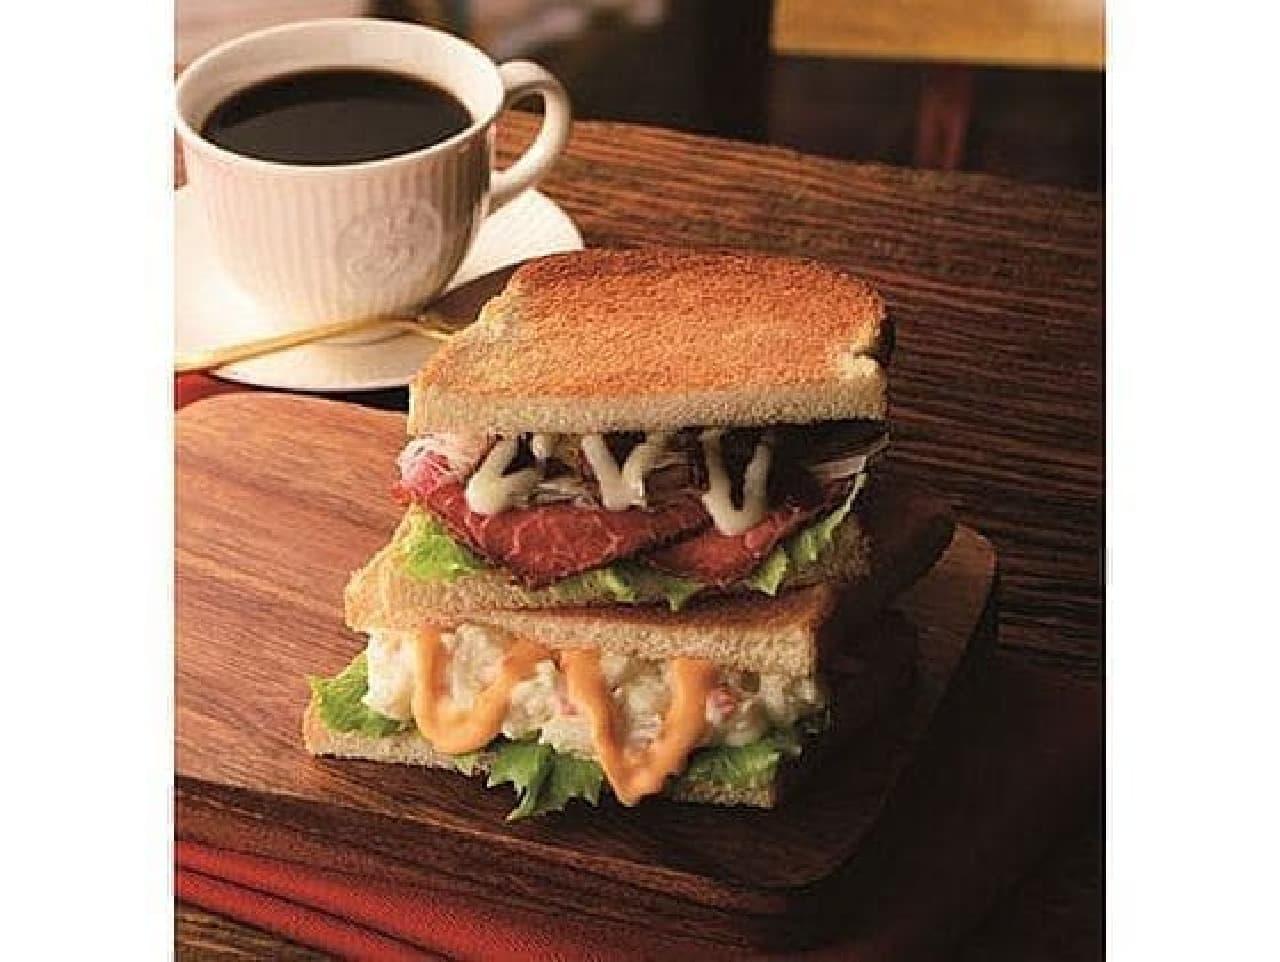 カフェ・ド・クリエ「2つのサンド ローストビーフとチーズポテト」